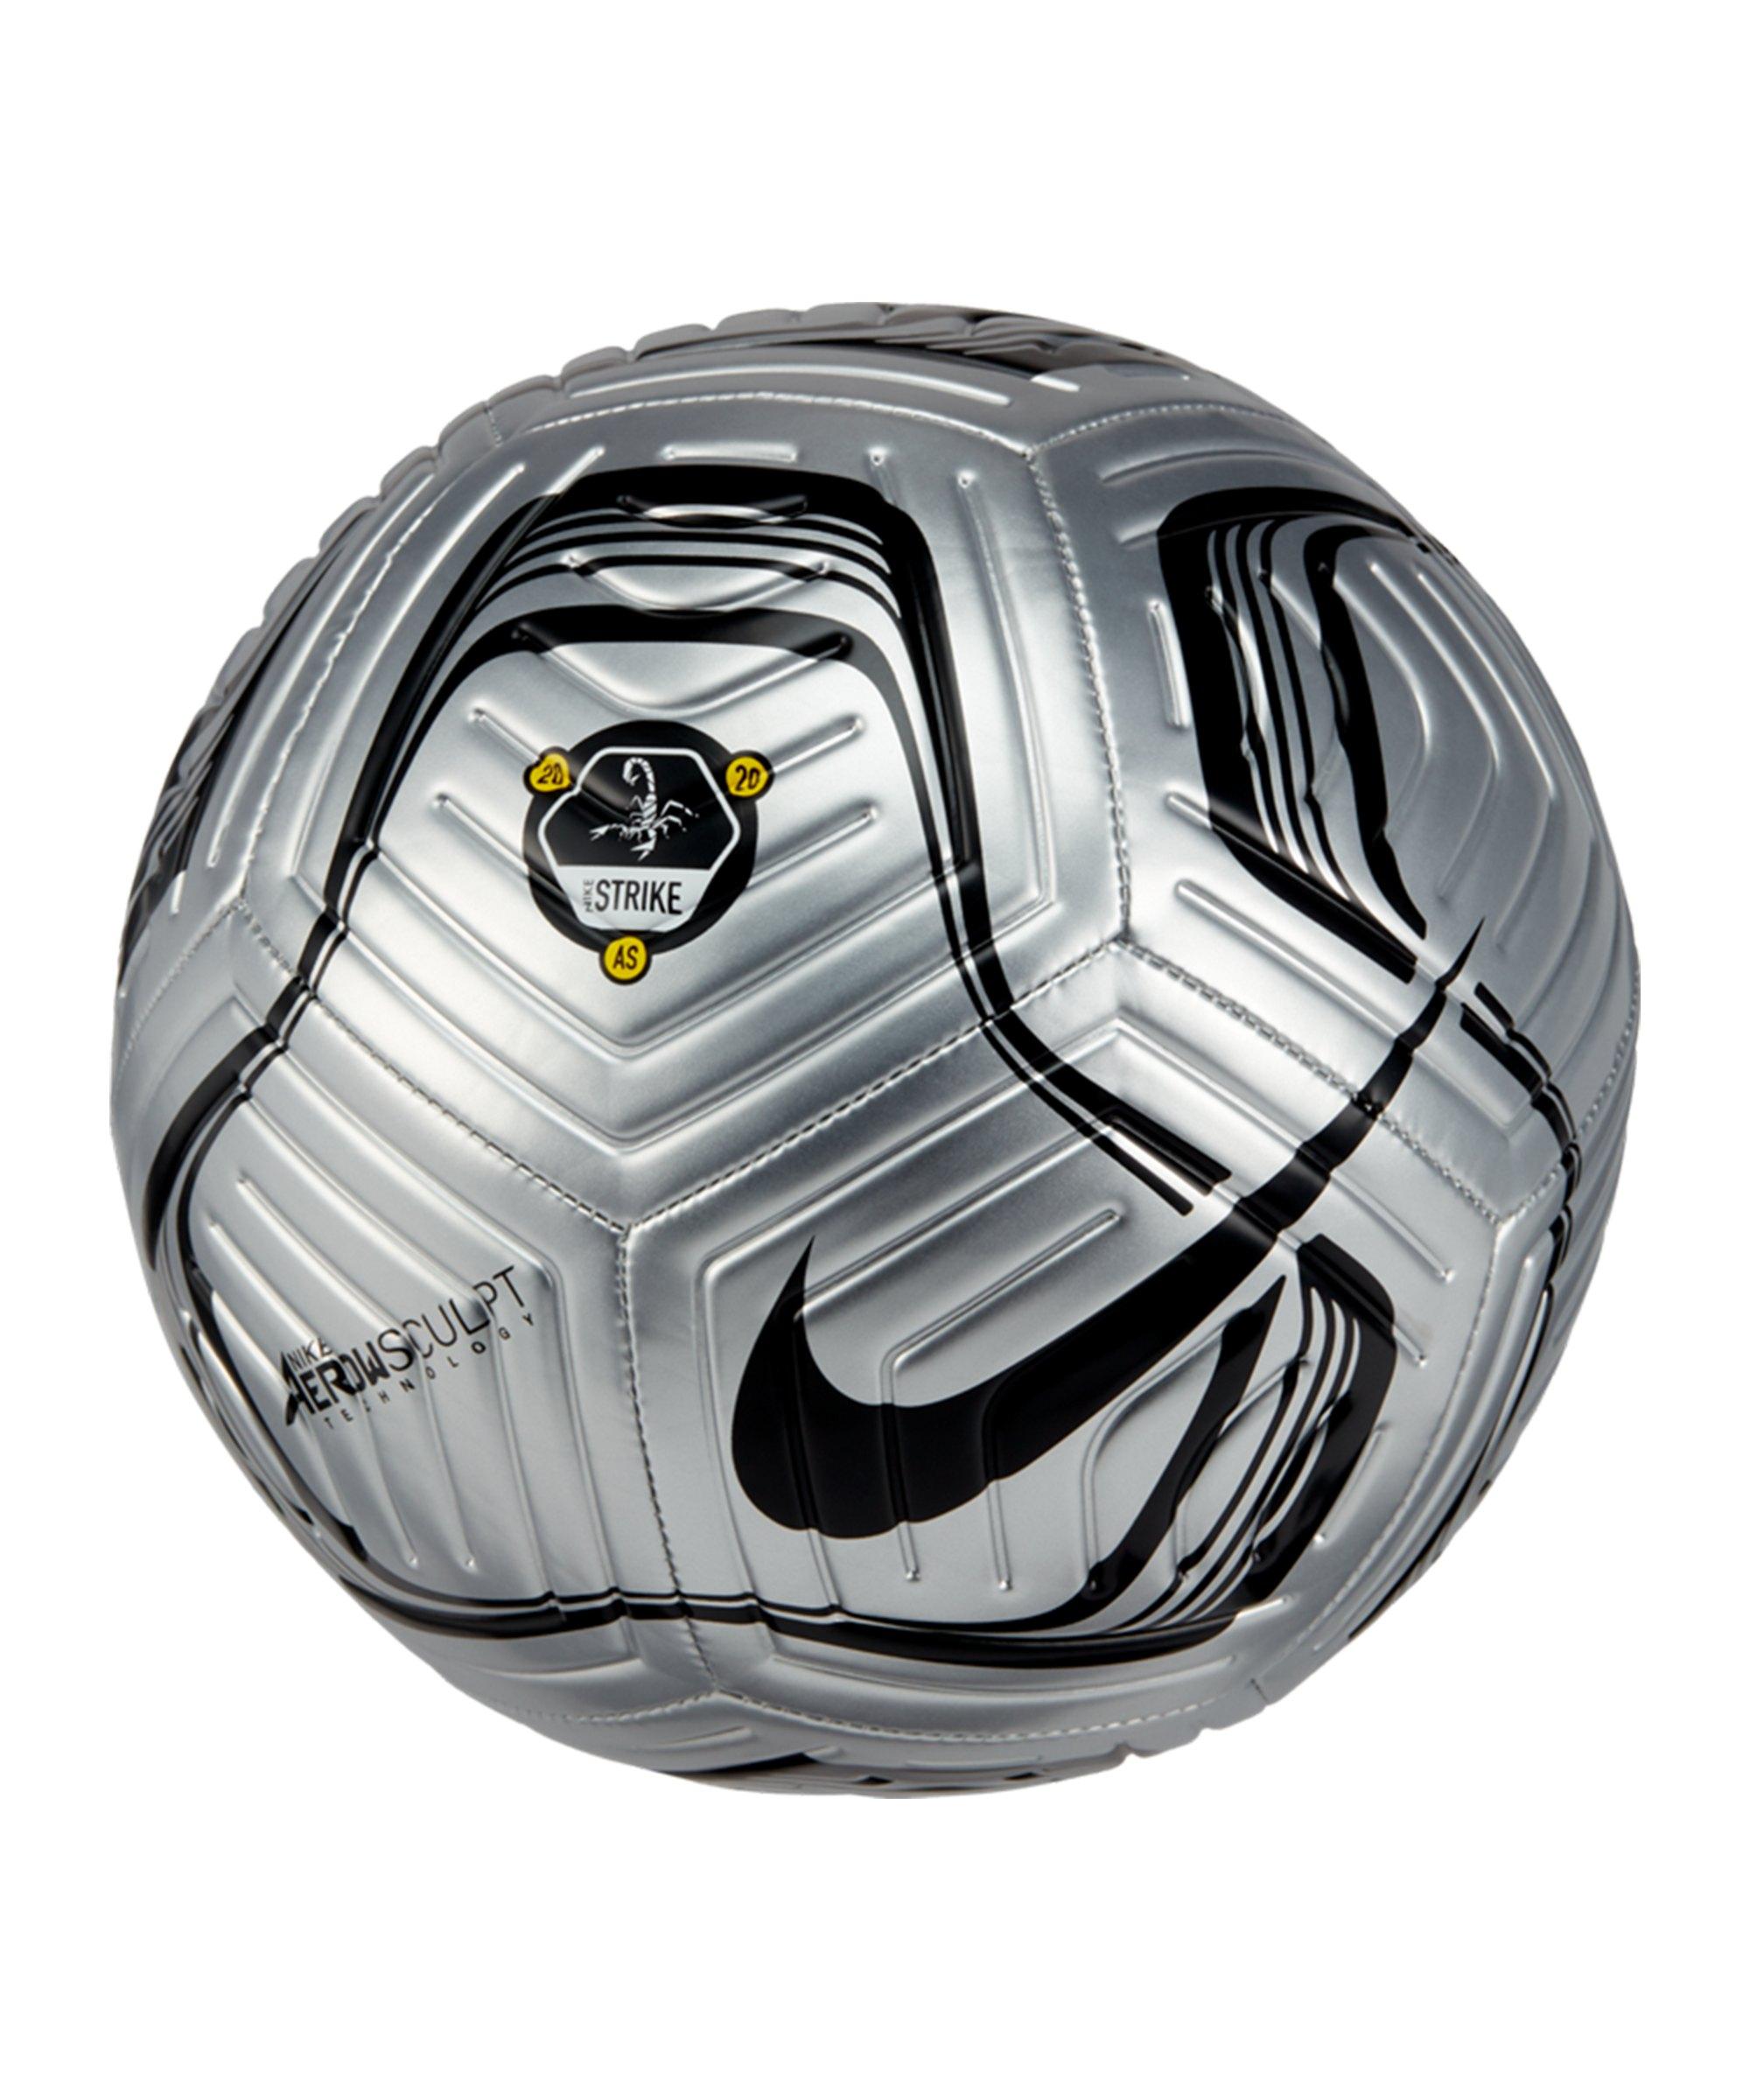 Nike Strike Phantom Scorpion Trainingsball F020 - grau